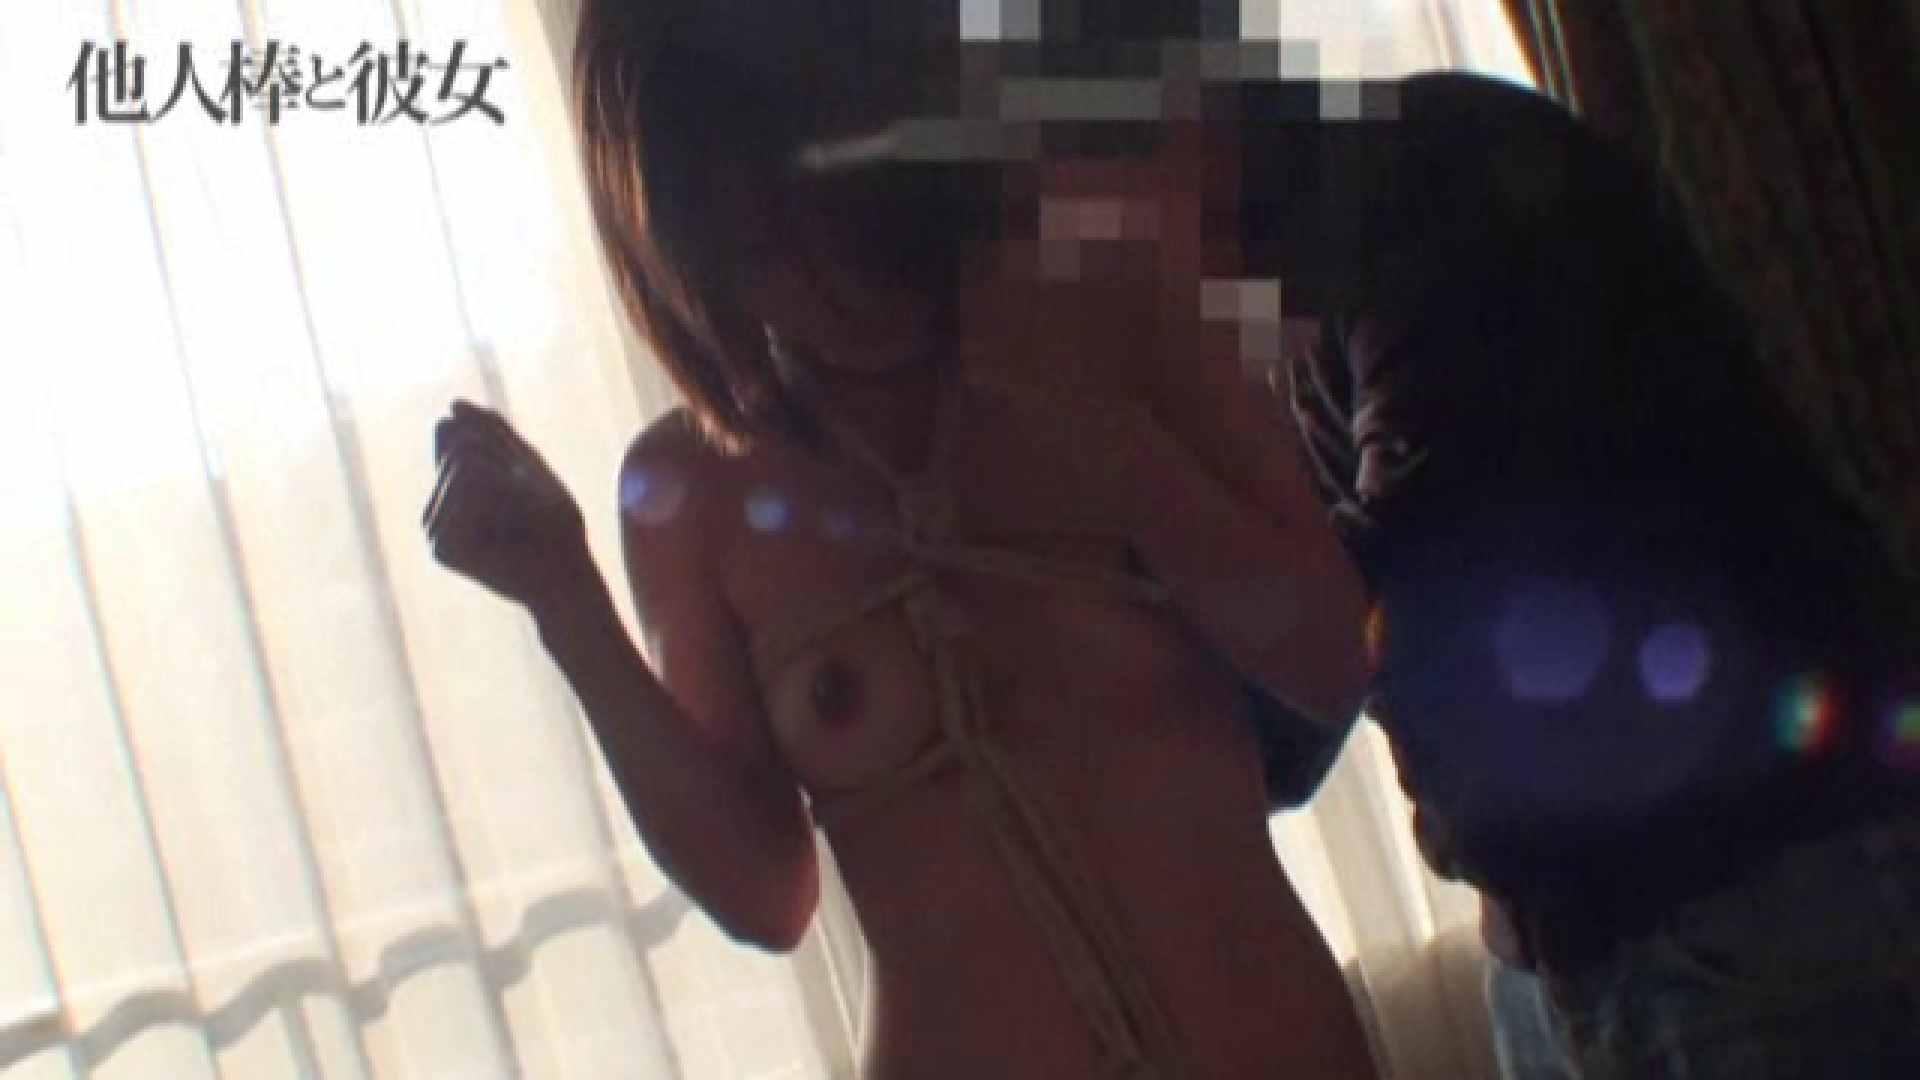 他人棒を強要する彼氏vol.3 他人棒 われめAV動画紹介 60連発 10